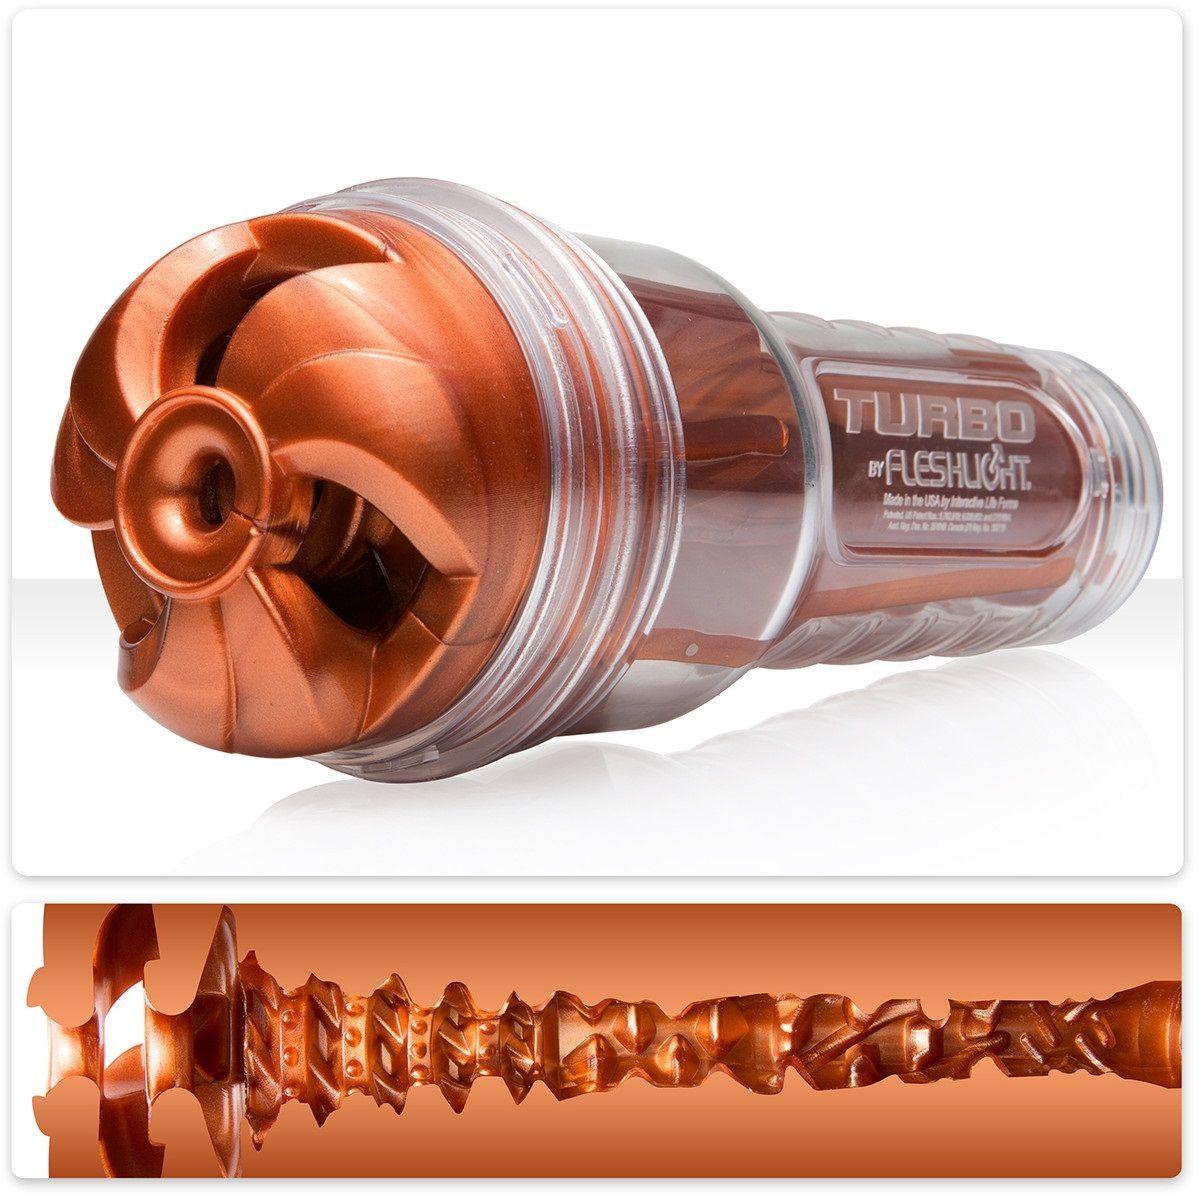 Мастурбаторы: Мастурбатор Fleshlight Turbo - Thrust Copper